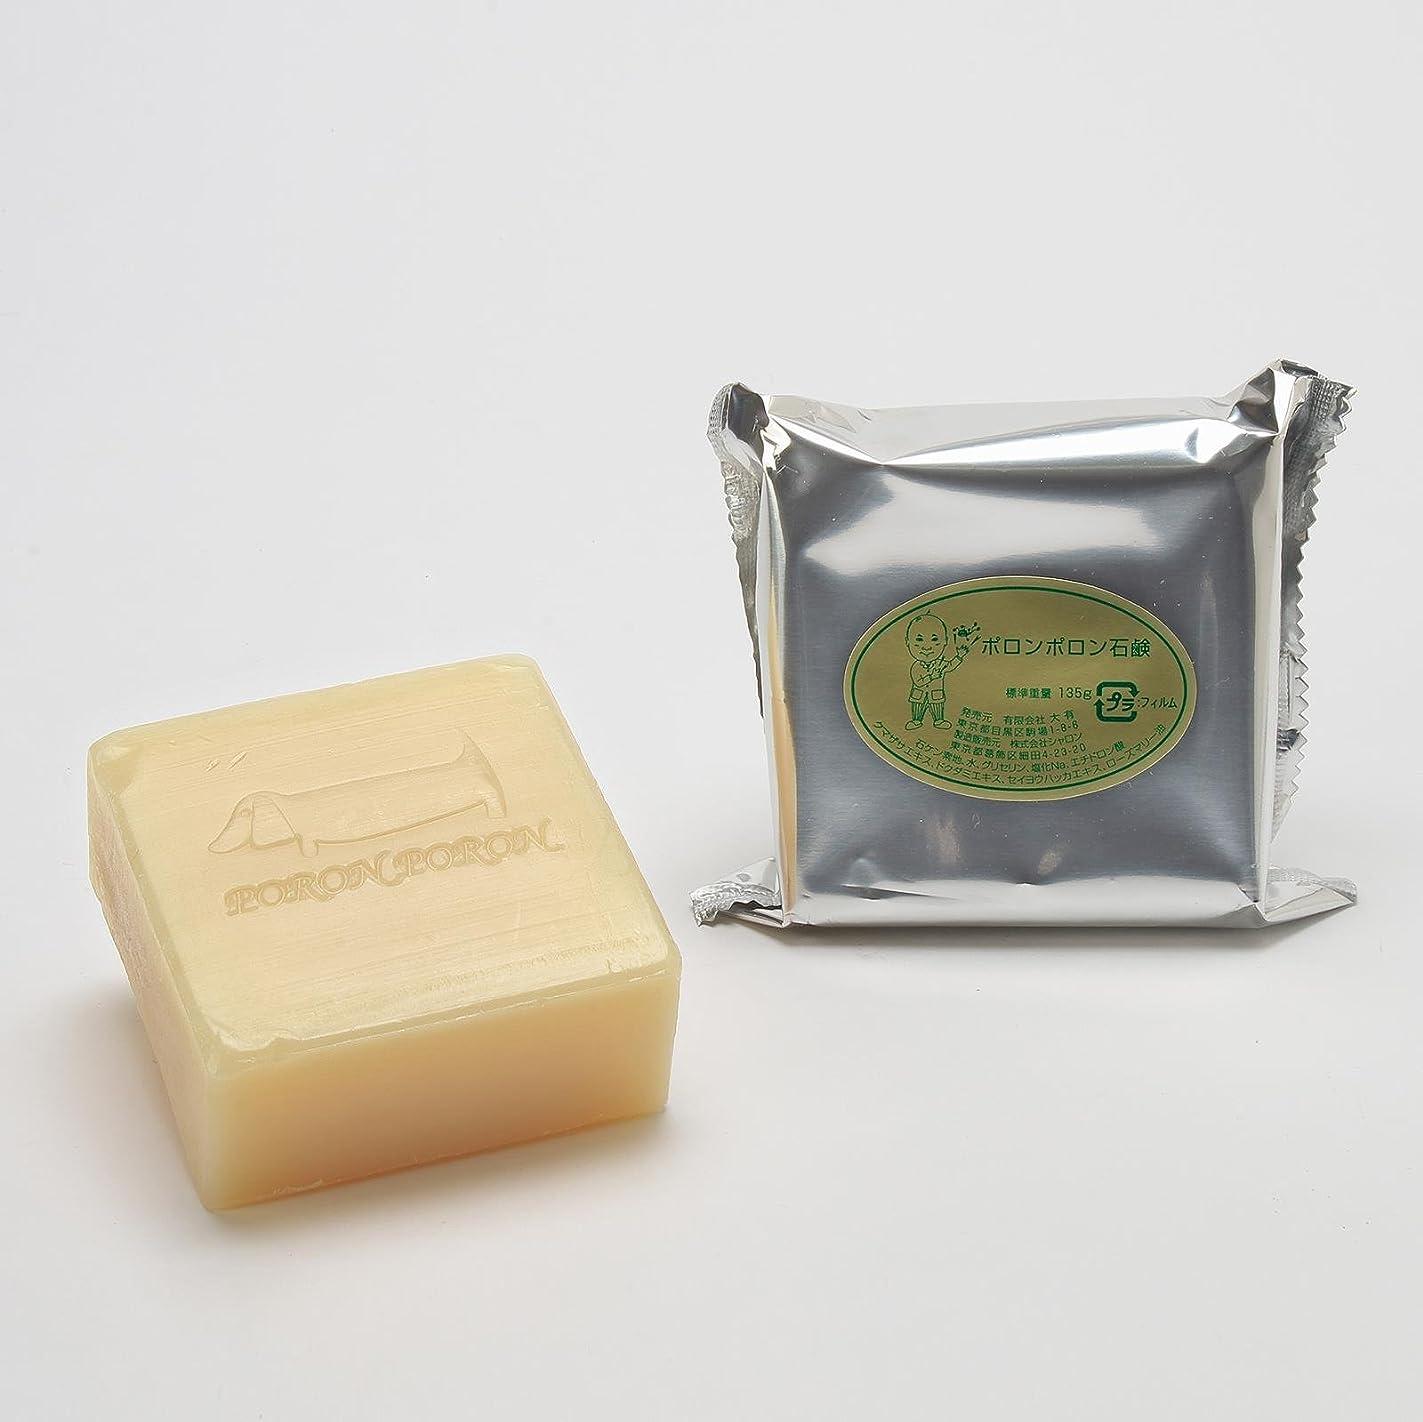 おもしろい不利競争力のあるポロンポロン石鹸